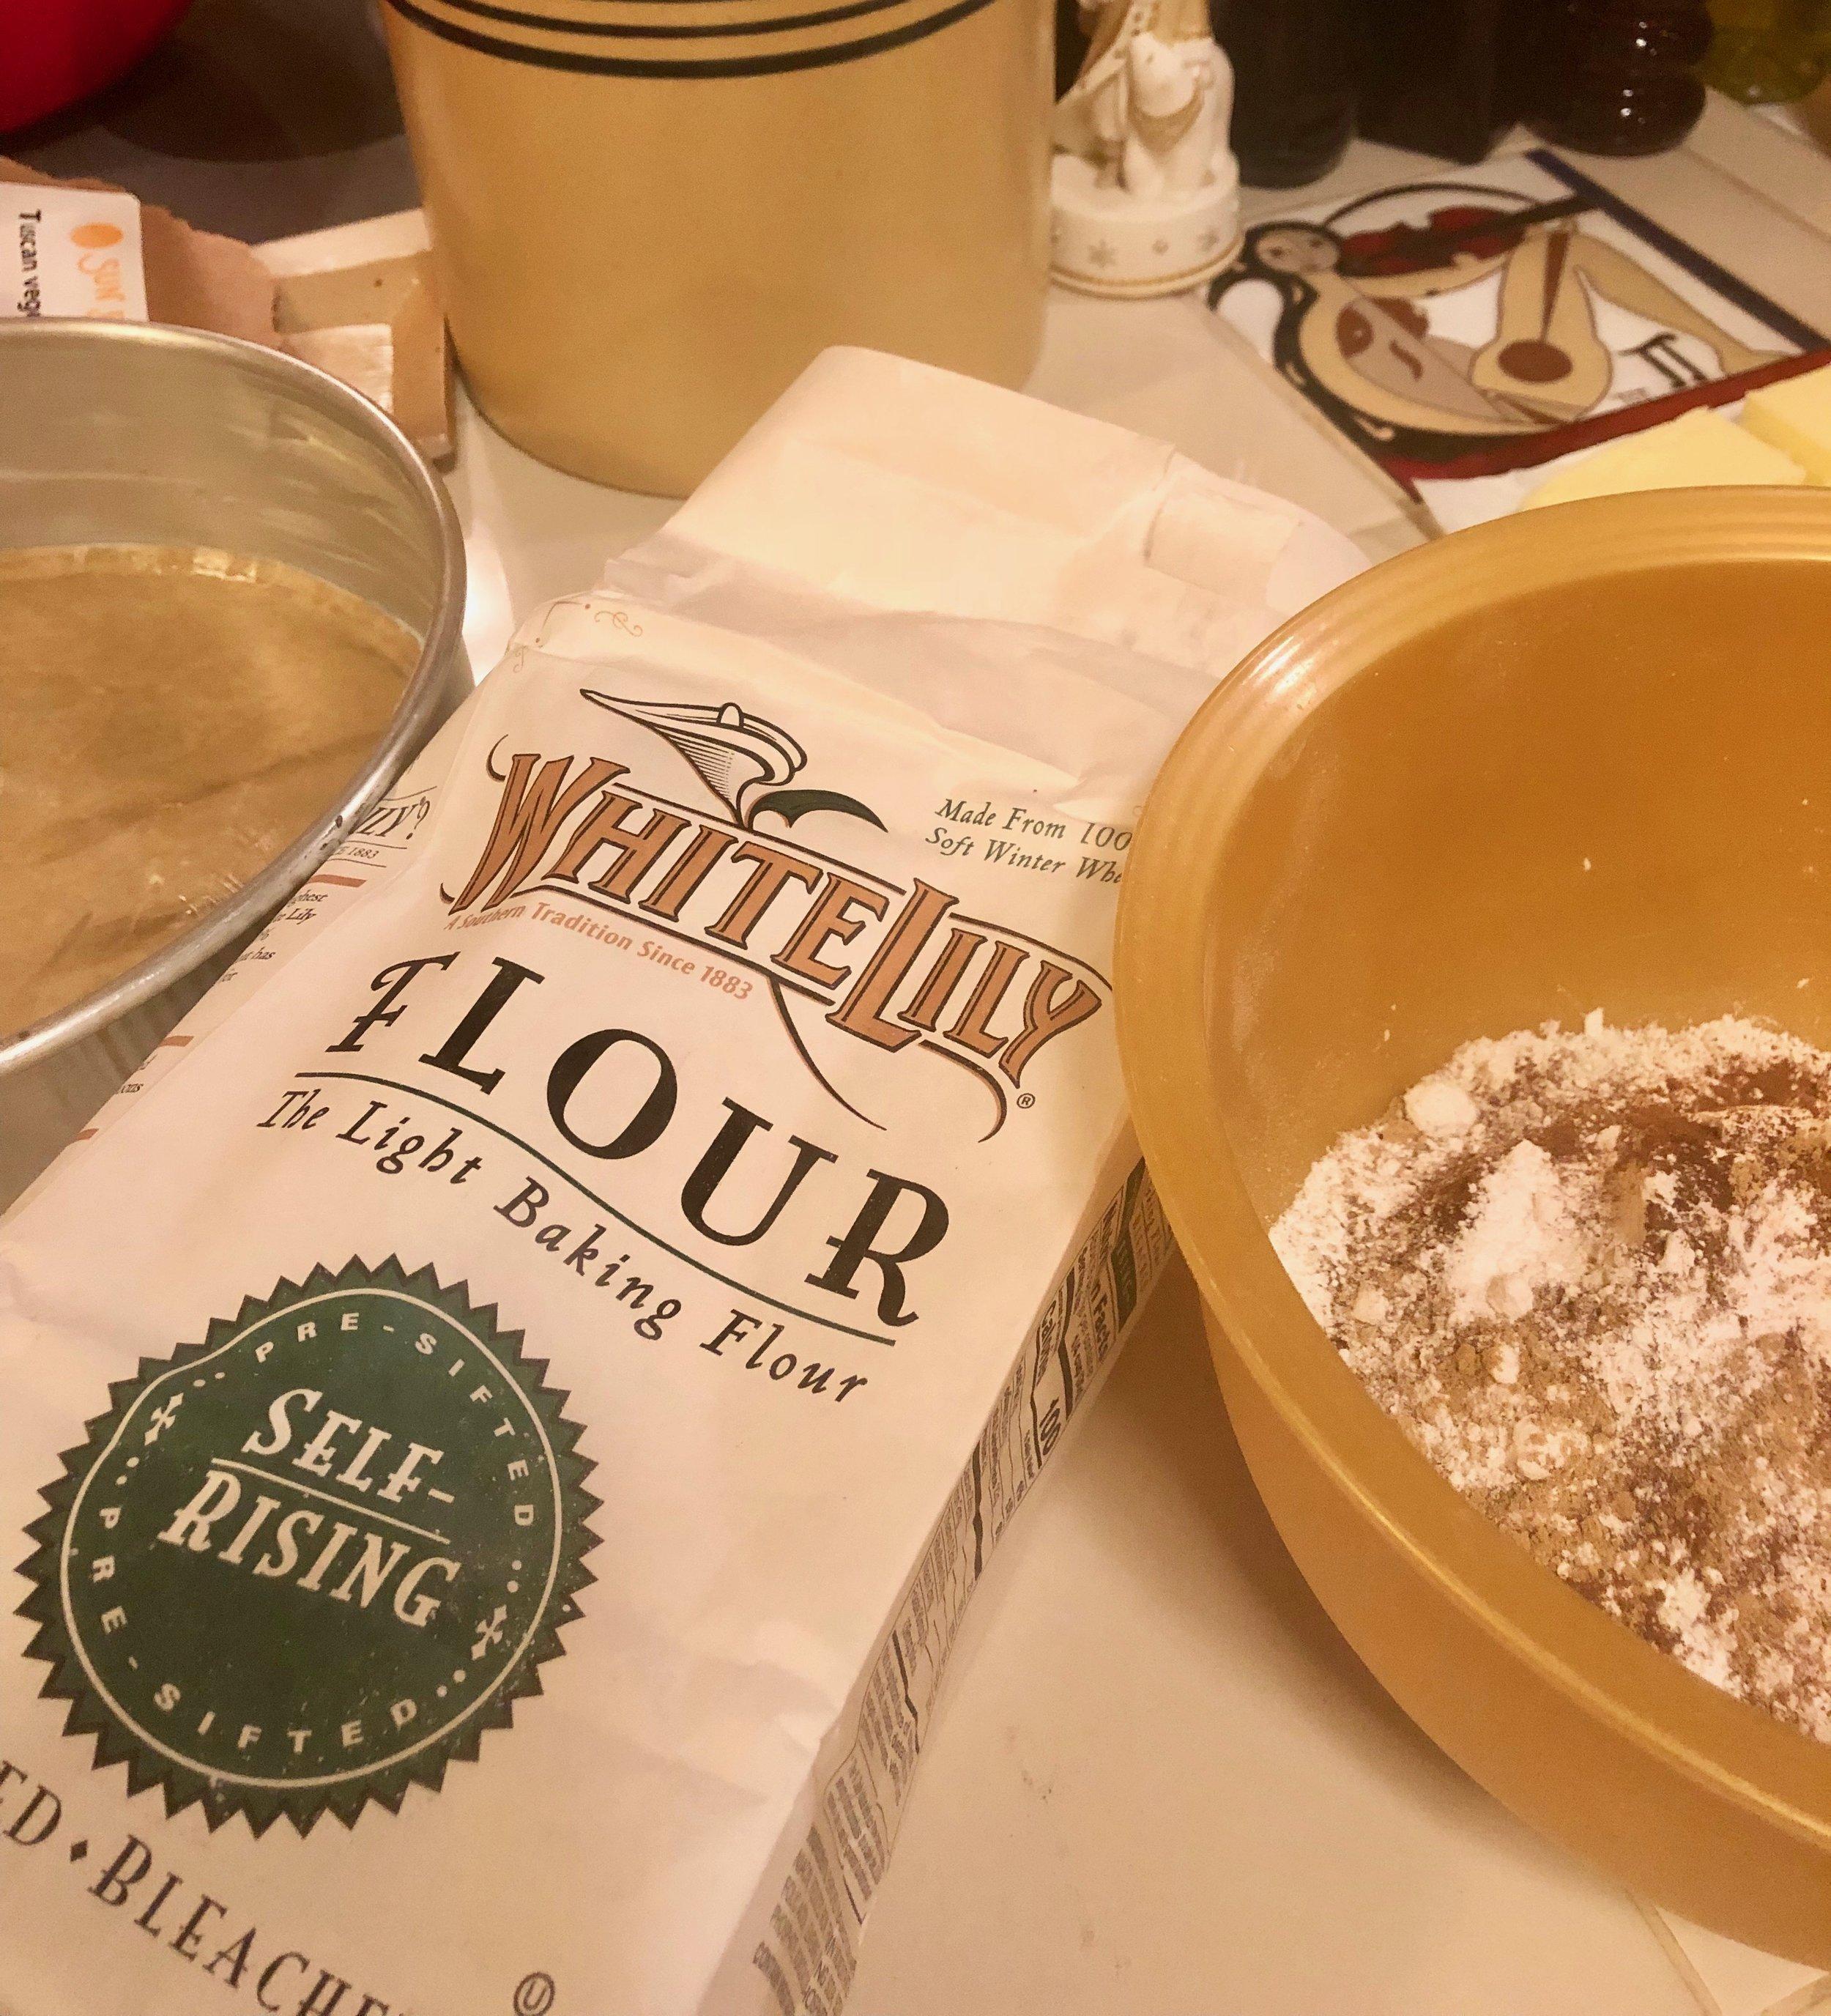 Prepared pan and dry ingredients